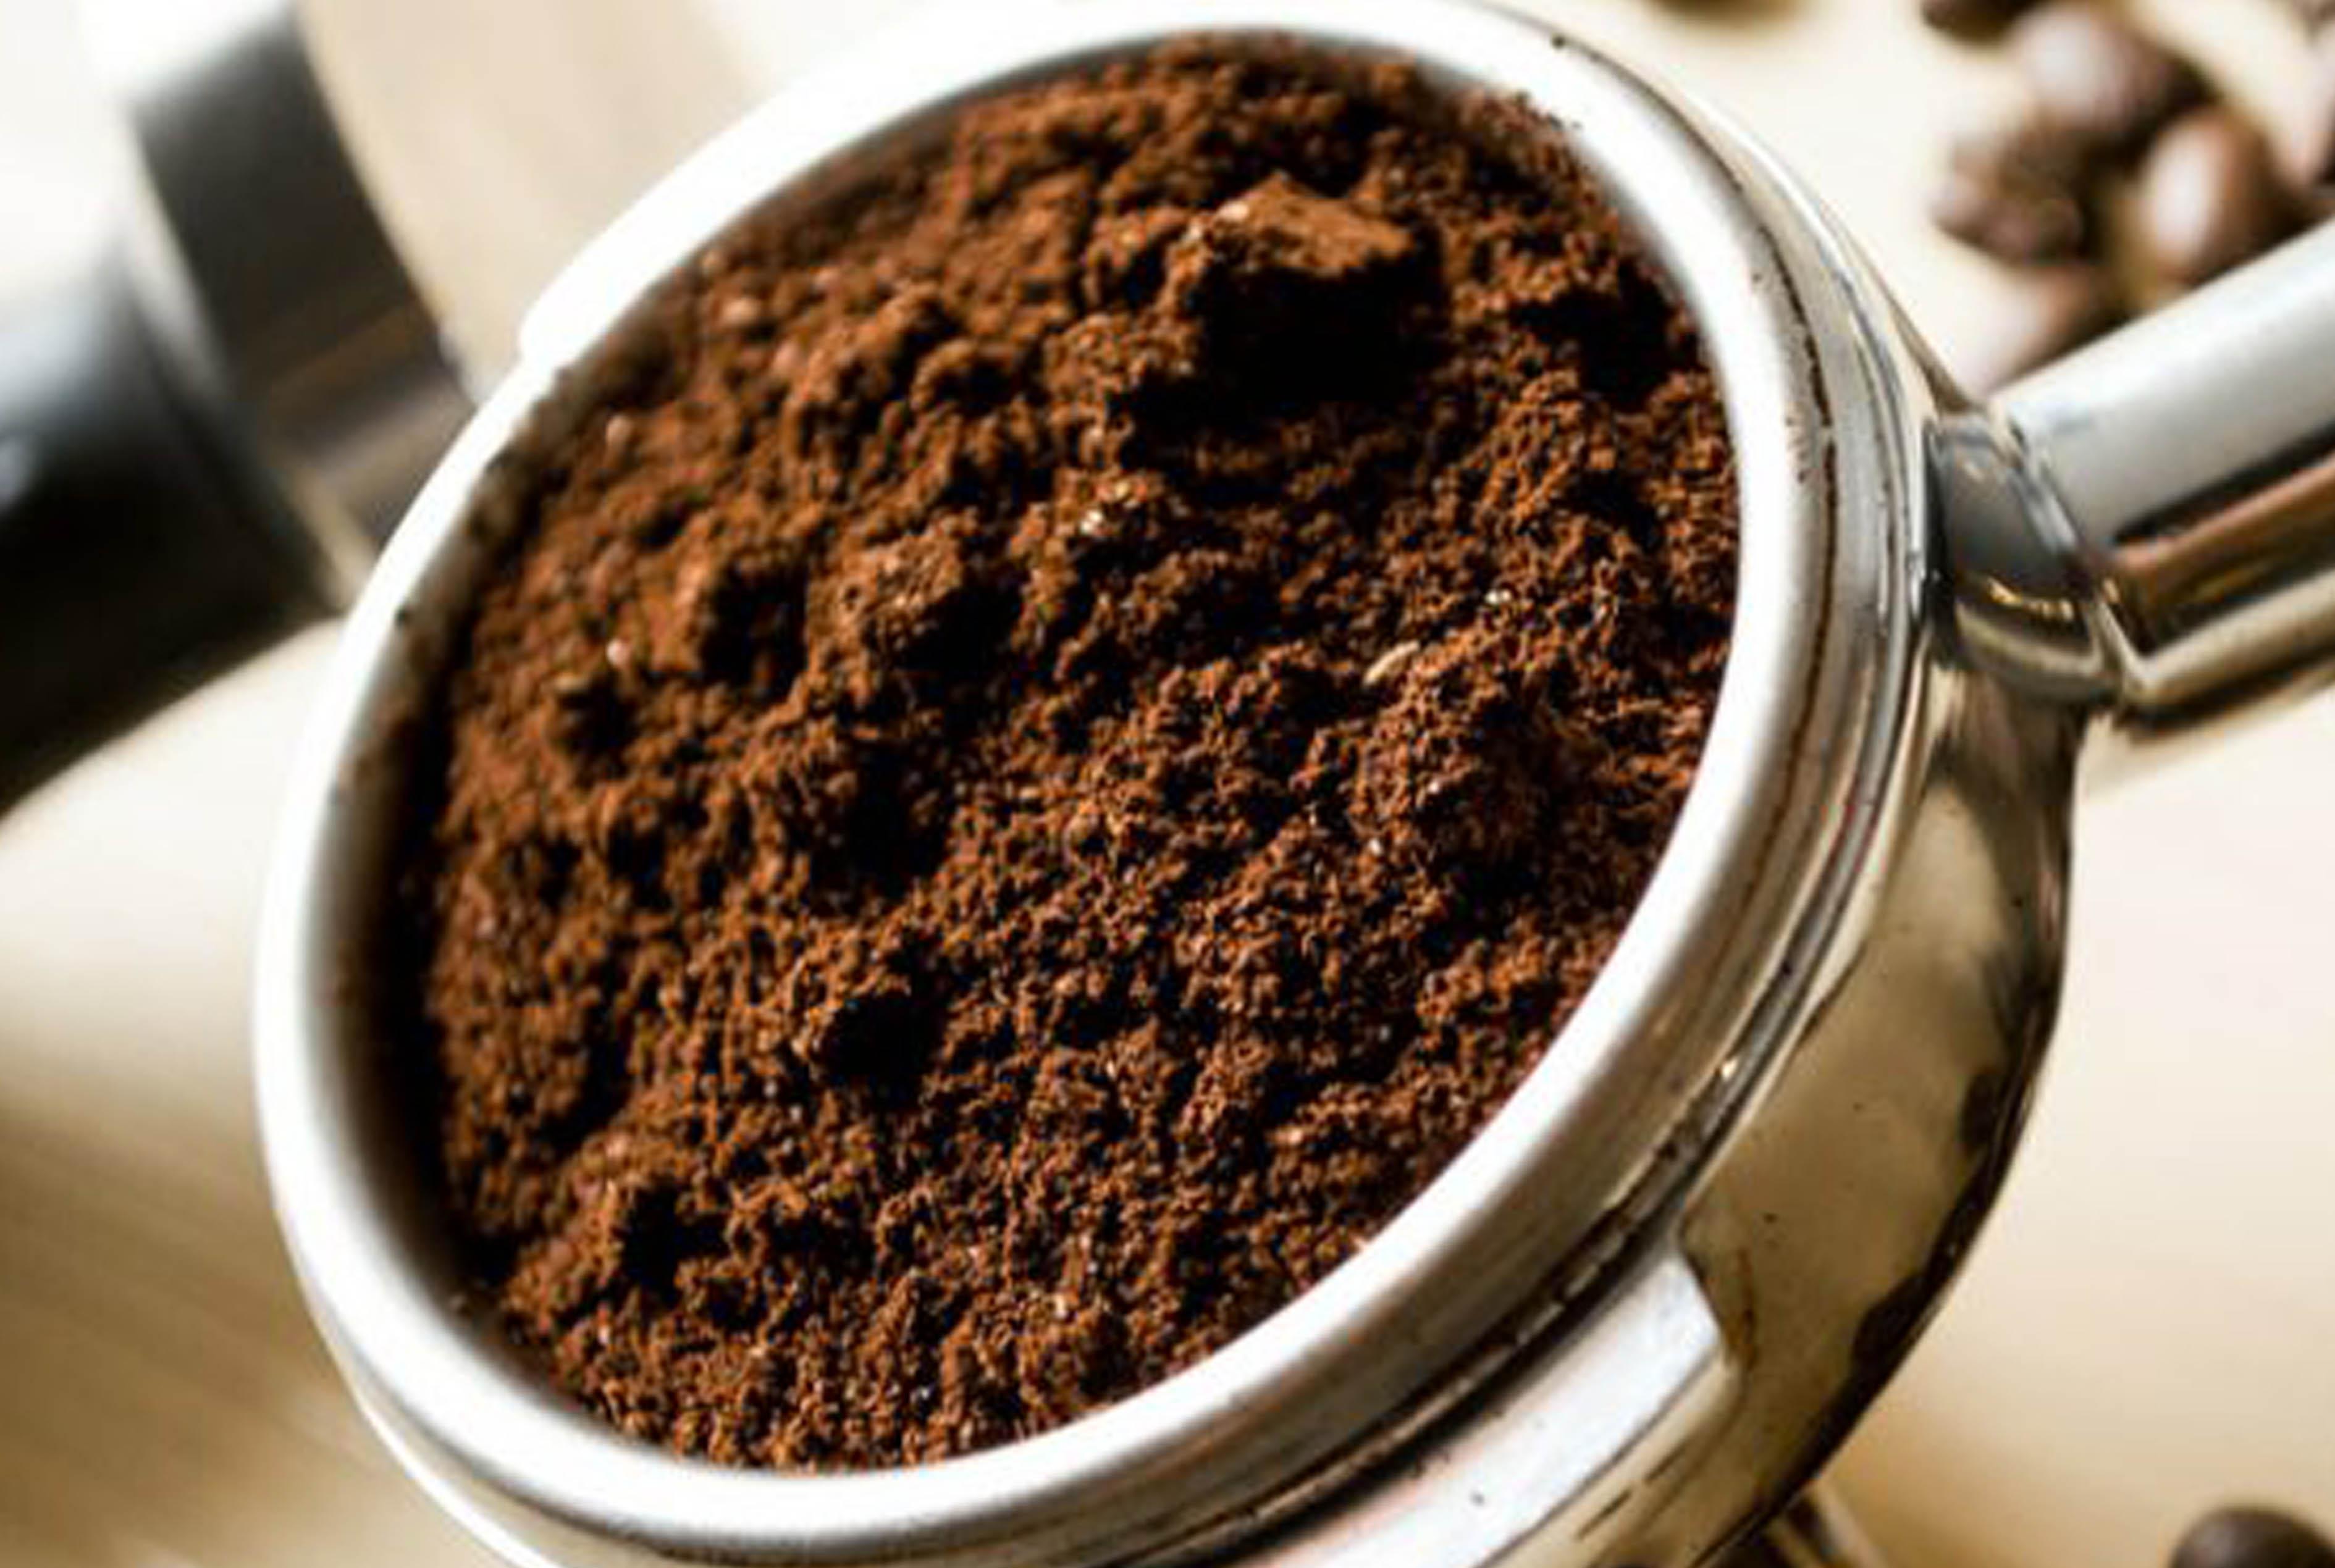 タイ北部チェンライ県で飲める!象から排出される最高級のコーヒー - ワイズデジタル【タイで生活する人のための情報サイト】